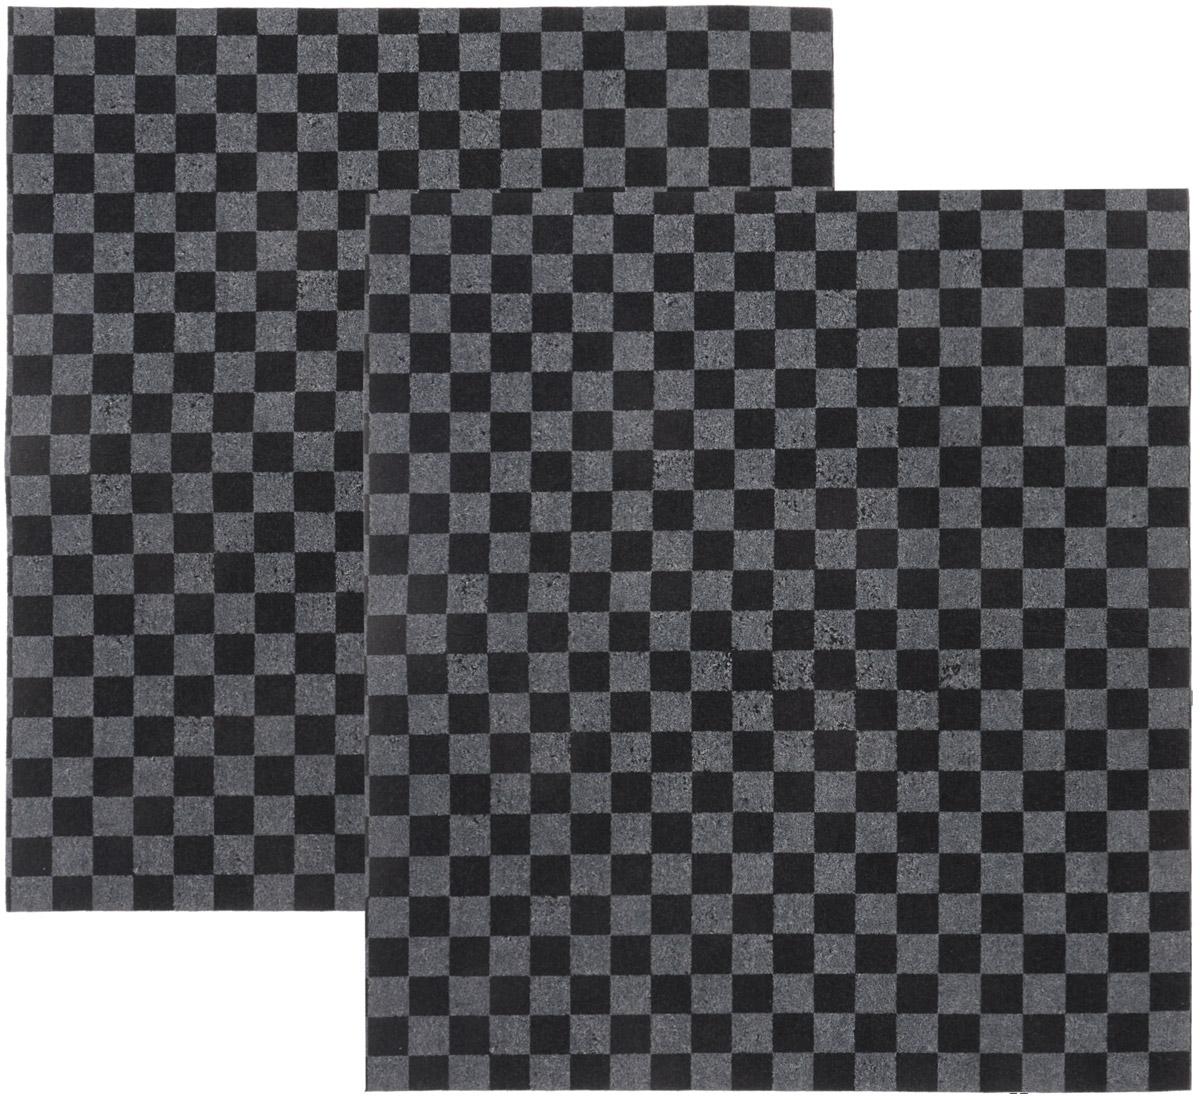 Коврик автомобильный Главдор, в салон, влаговпитывающий, 40 х 45 см, 2 шт15802001Влаговпитывающий коврик Главдор применяется в качестве защитной подстилки в салоне автомобиля. Он отлично впитывает влагу. Коврик изготовлен из полипропилена и впитывающего материала. Изделие защитит вашу одежду от грязи и каблуки от расслаивания и стирания о резиновый коврик.В комплект входят два коврика.Размер коврика: 40 х 45 см.